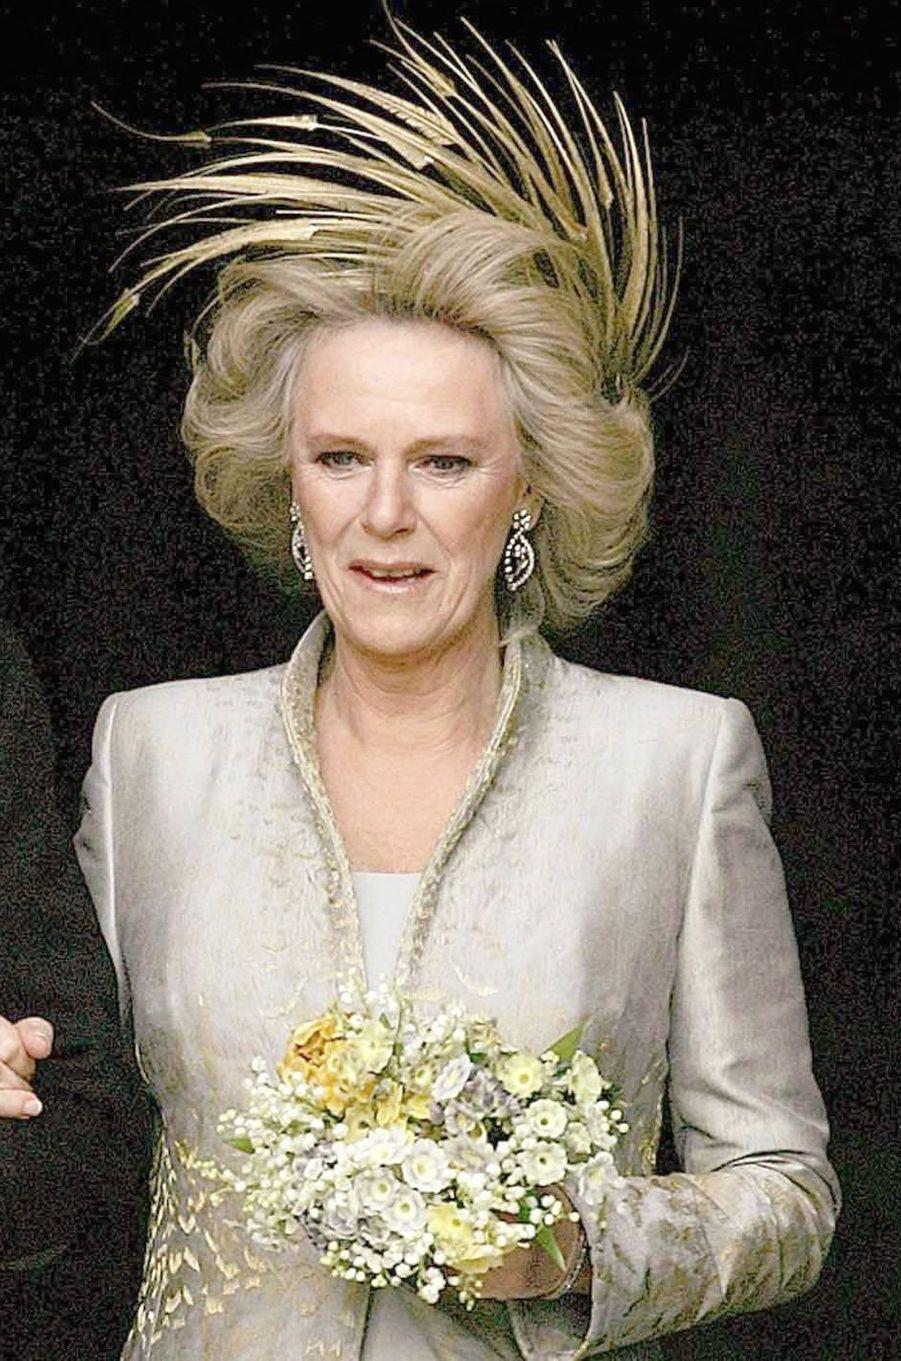 La coiffure de Camilla Parker Bowles pour la cérémonie religieuse de son mariage avec le prince Charles, le 9 avril 2005